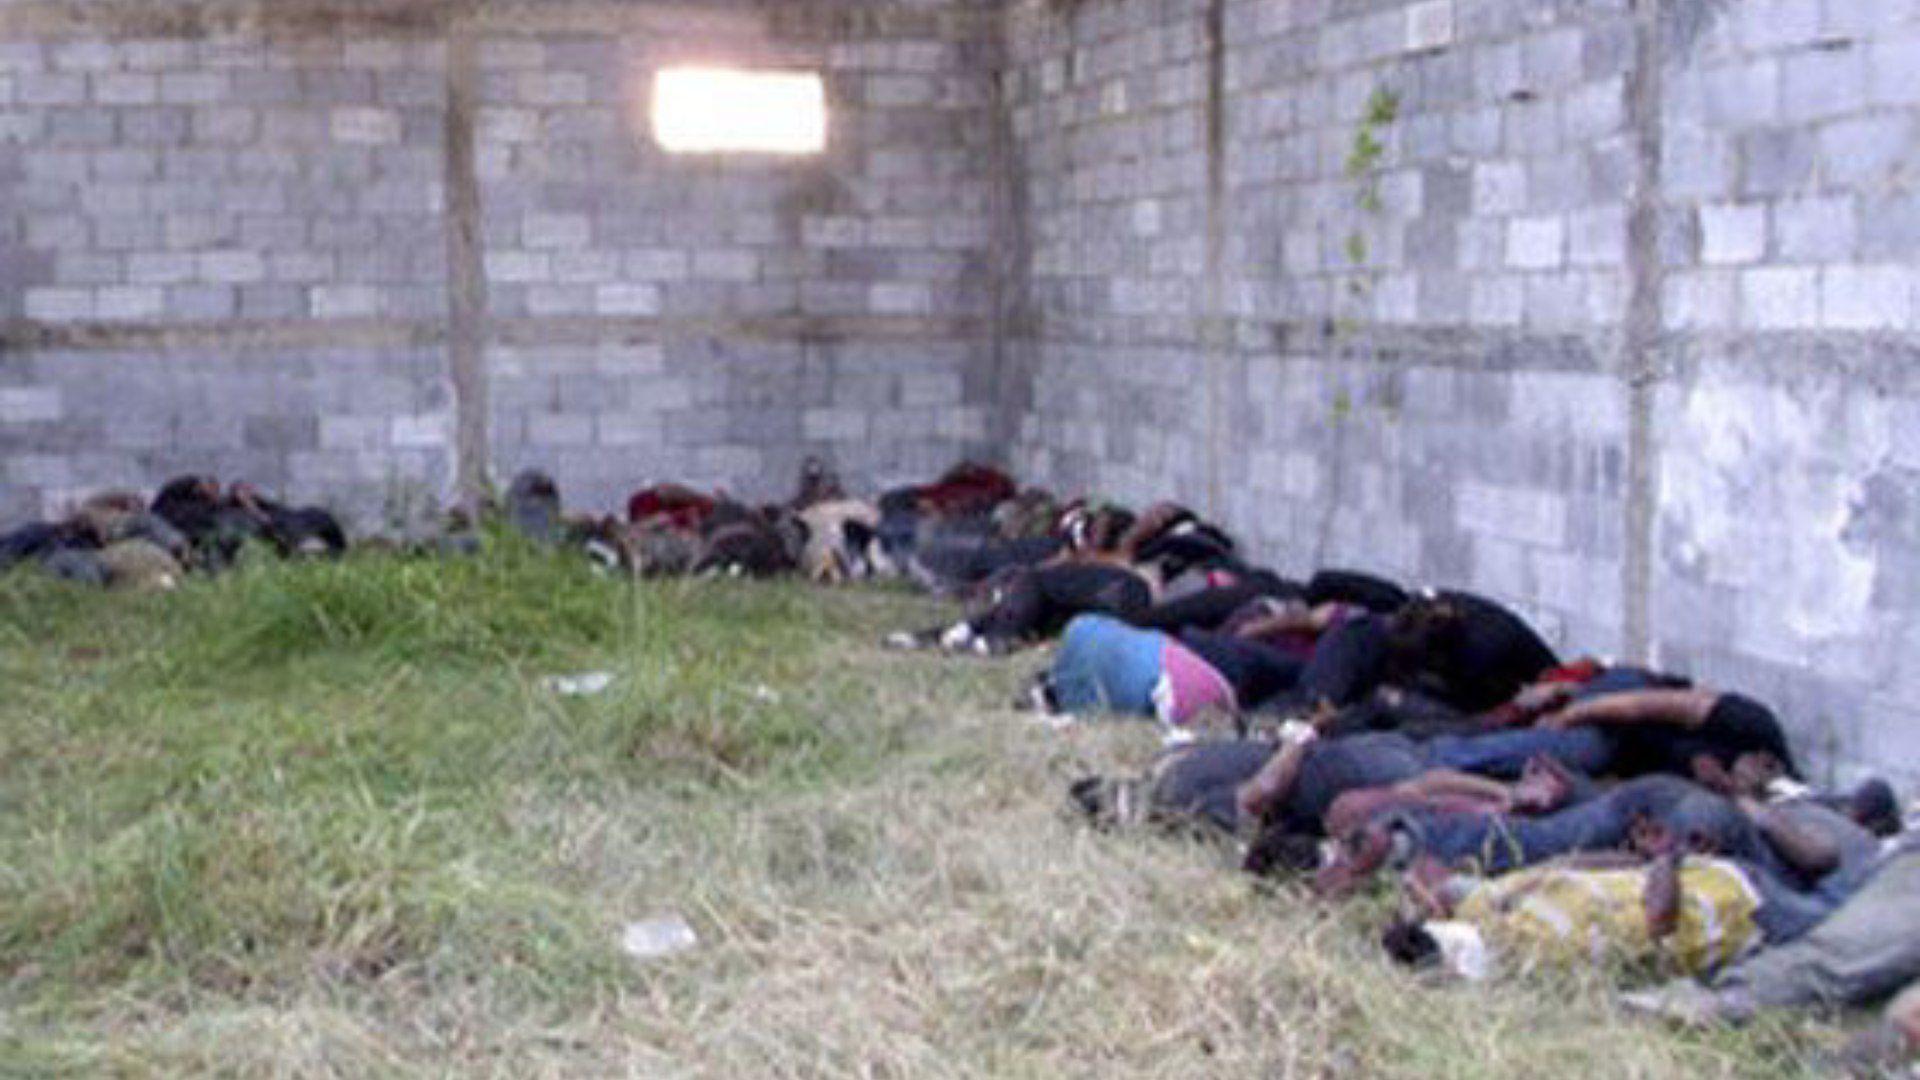 El 24 de agosto de 2010 militares encontraron a 72 migrantes asesinados en un rancho aislado en El Huizechal, municipio de San Fernando, Tamaulipas (Foto: AFP)